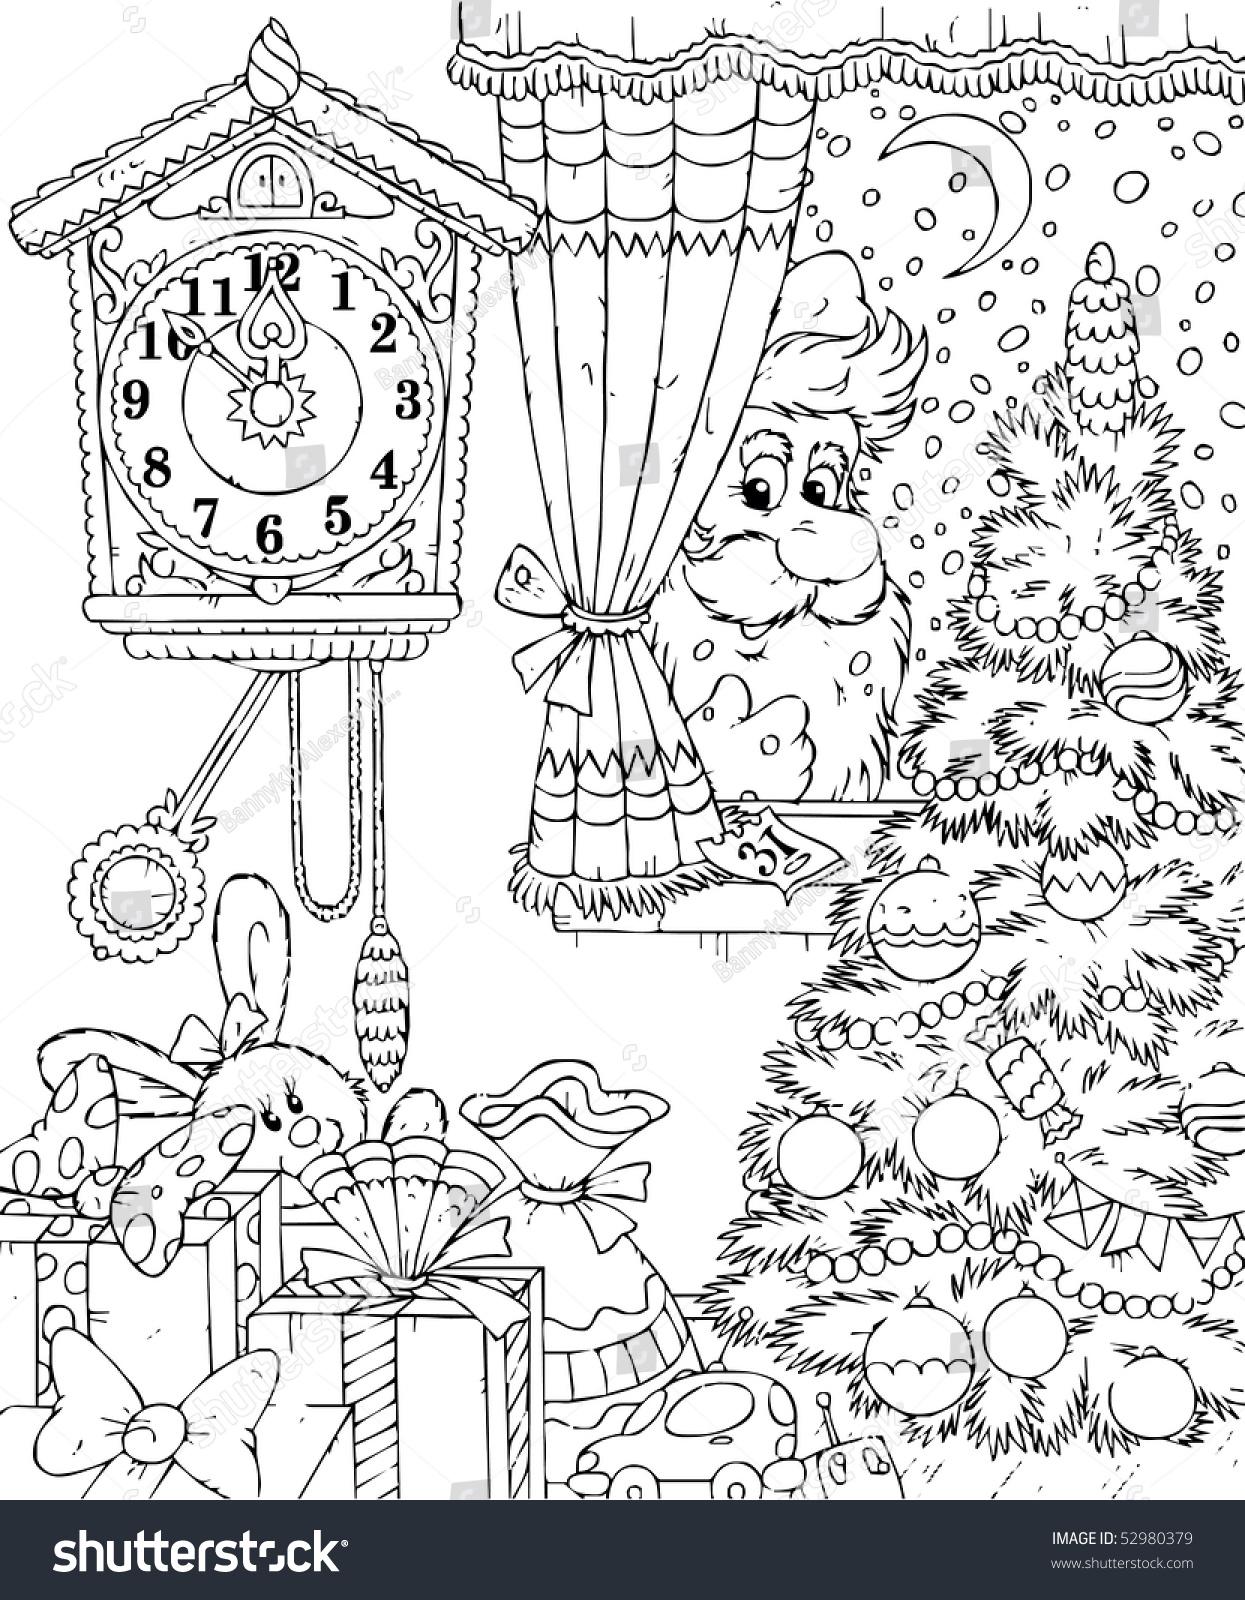 Nicholas St Page Ornament Coloring